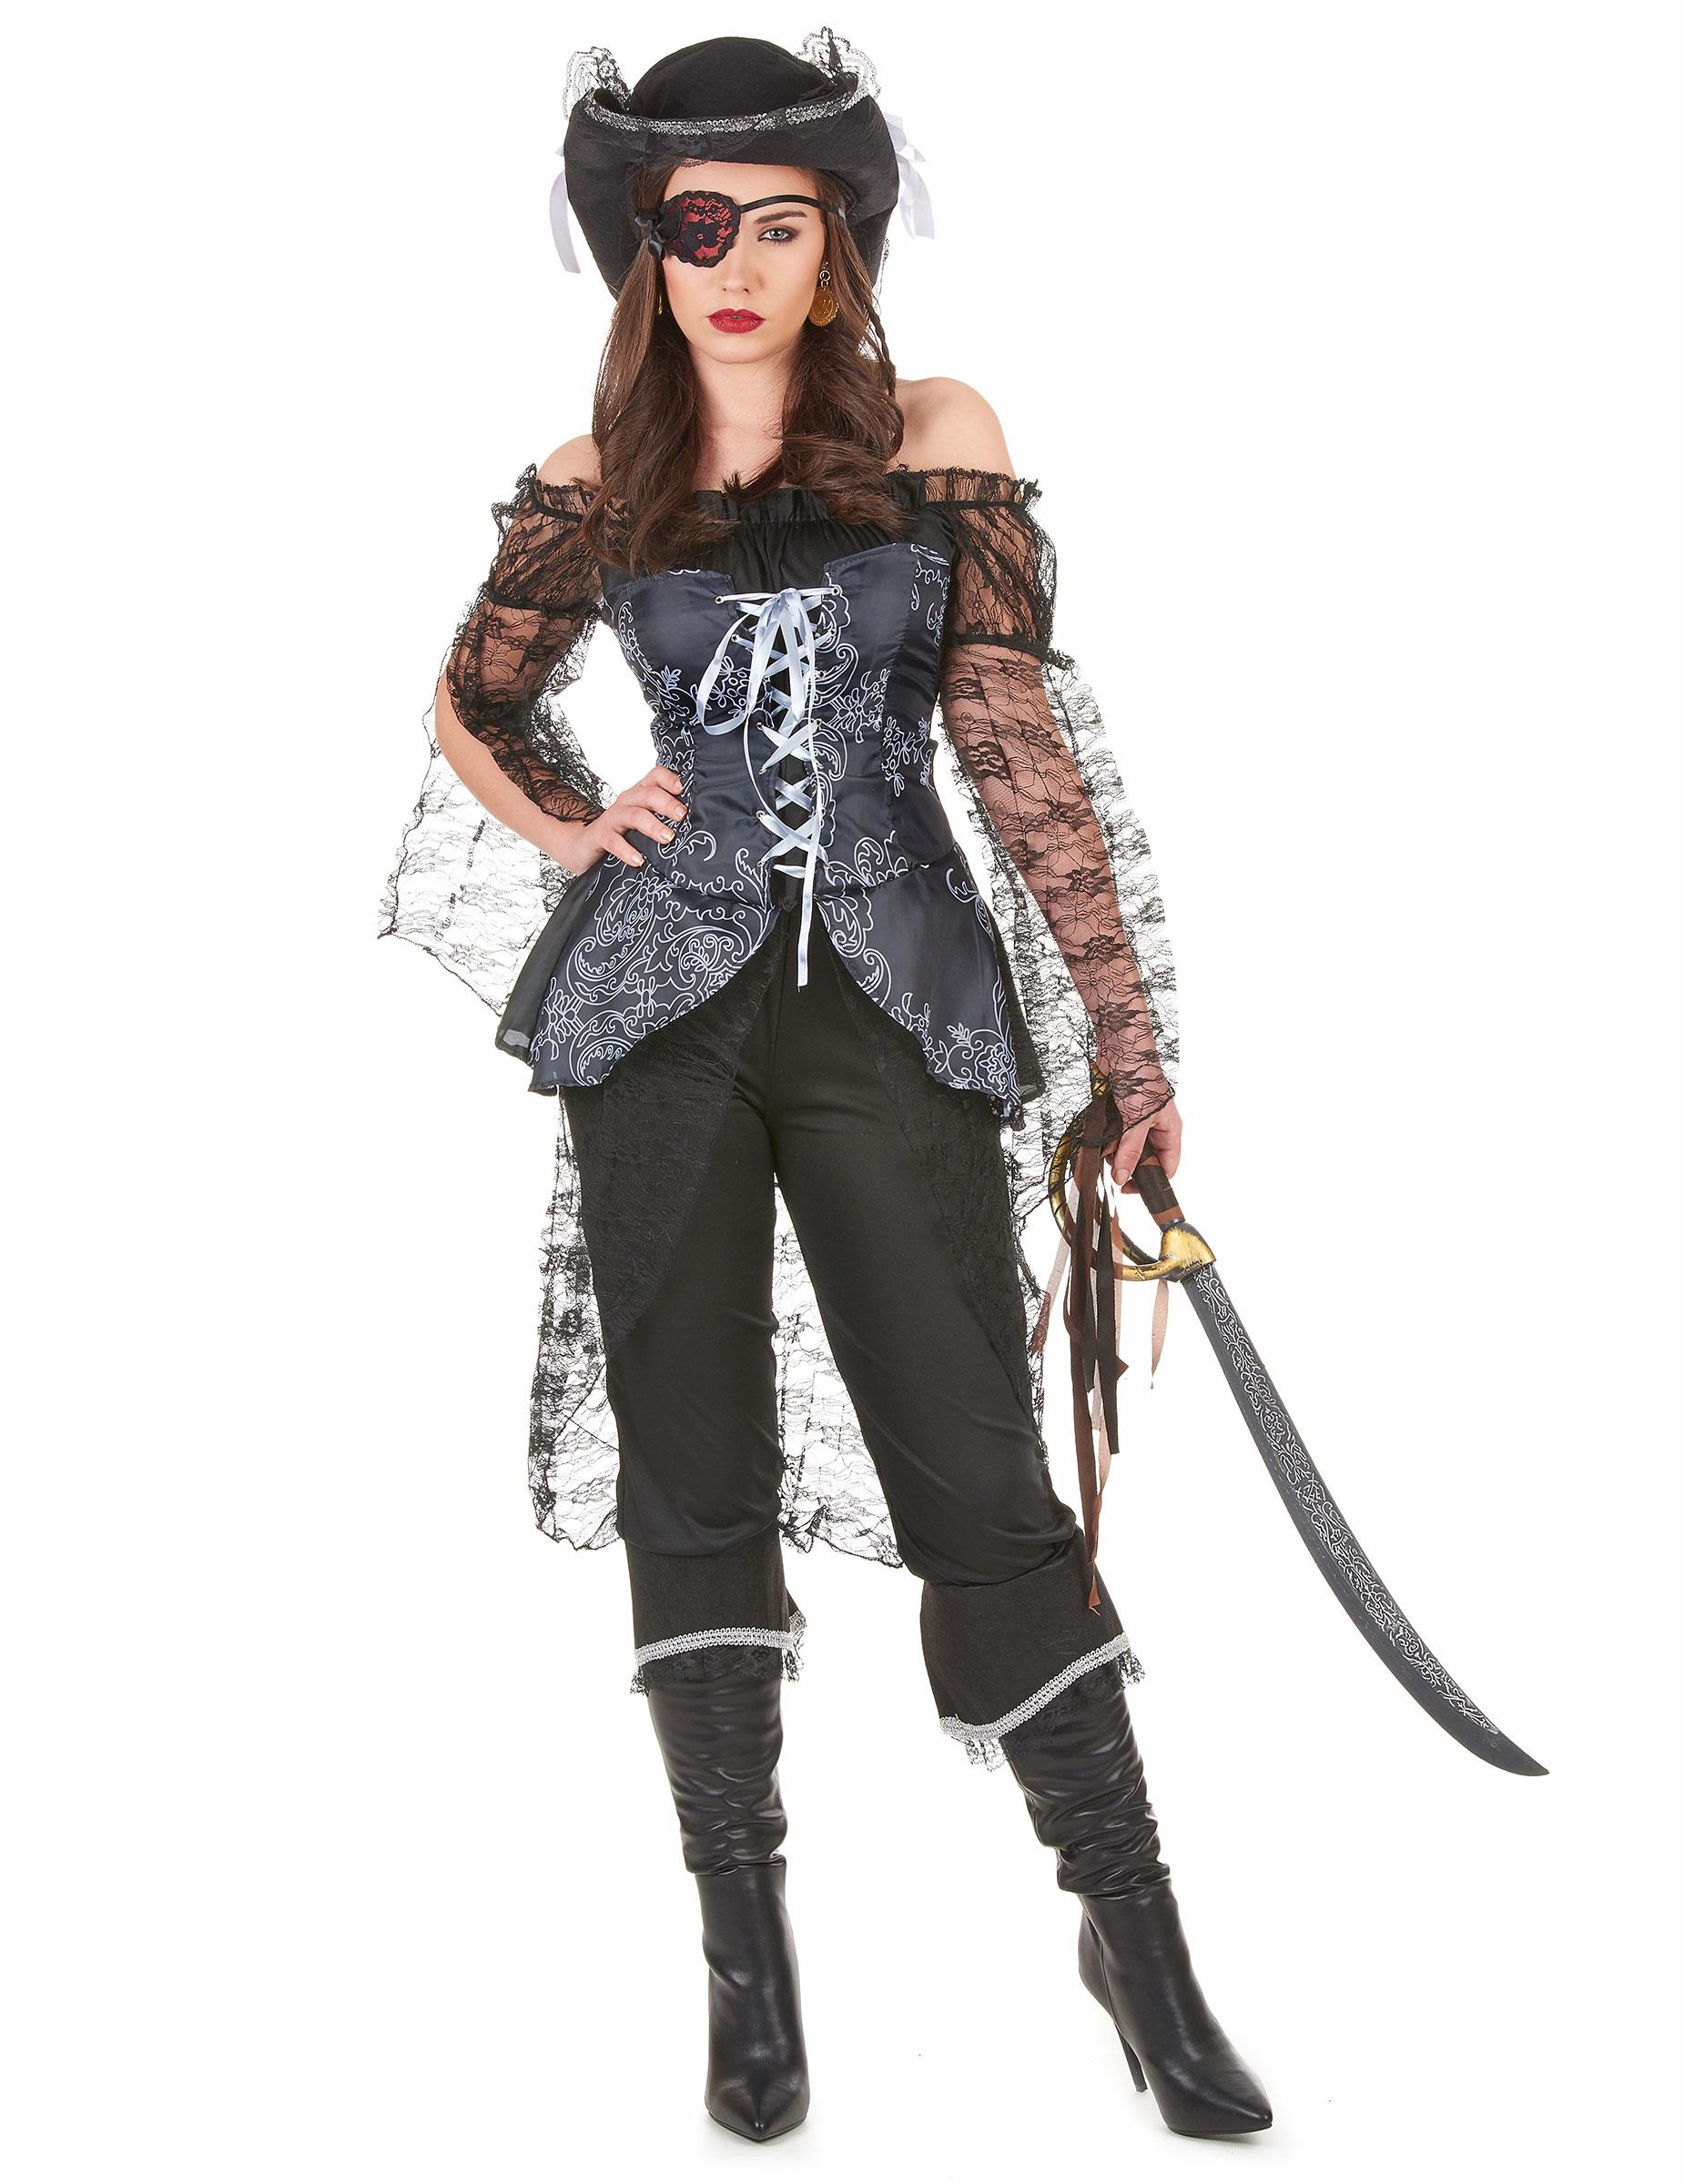 36cf2e5aeb0 Costume Pirate Femme & COSTUME PIRATE FEMME Sc 1 St Magasin La Fête